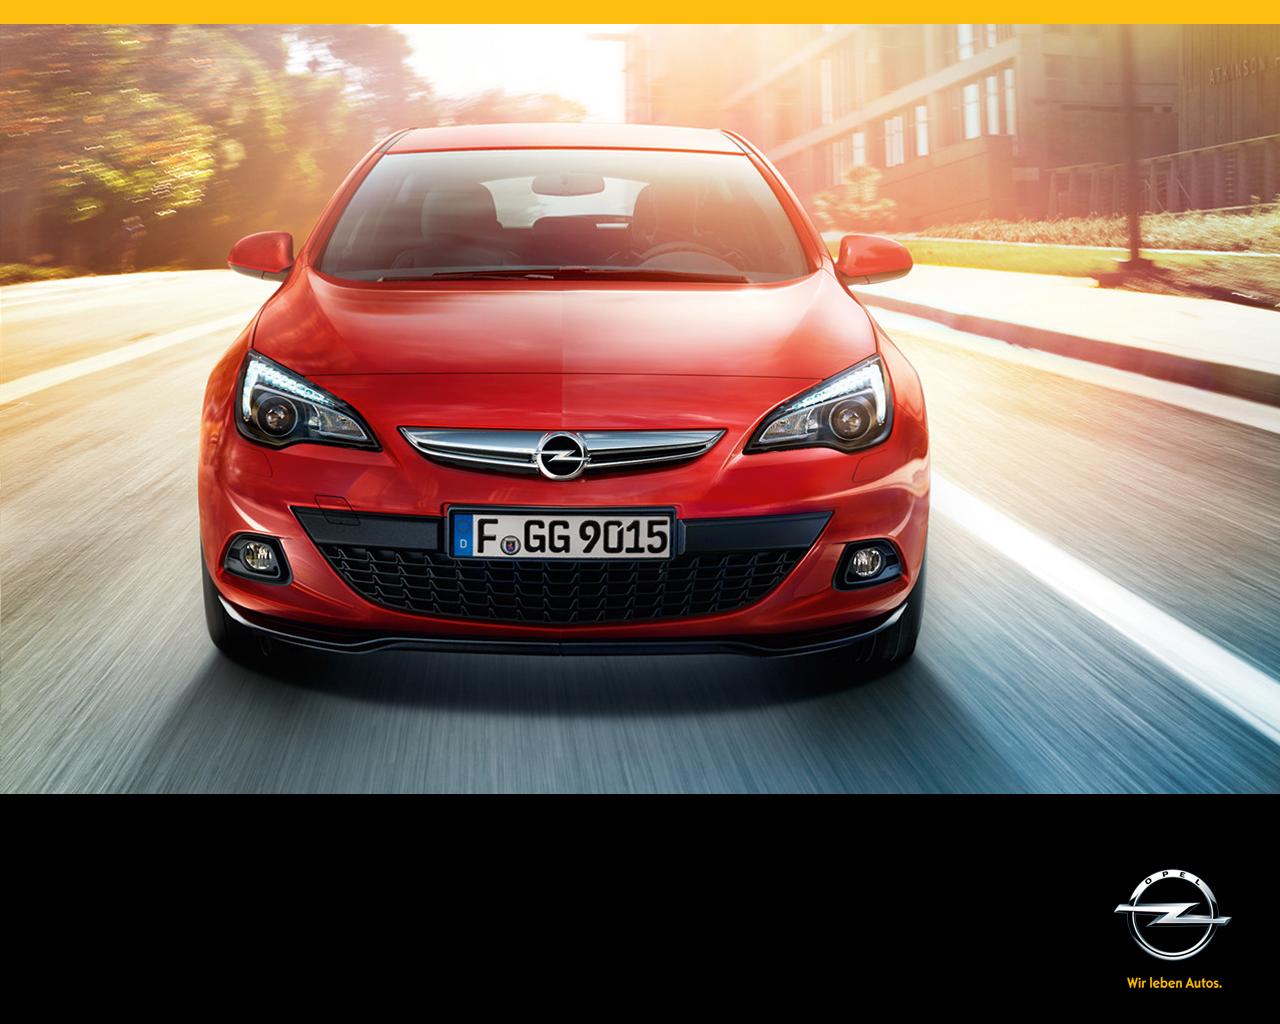 http://1.bp.blogspot.com/-Z-_h4Ja2B3E/UK7KJQfeHeI/AAAAAAAAJ7Y/eKrf4w5l6wg/s1600/Opel-Astra_GTC_exterior-front-view-red-wallpaper-2.jpg